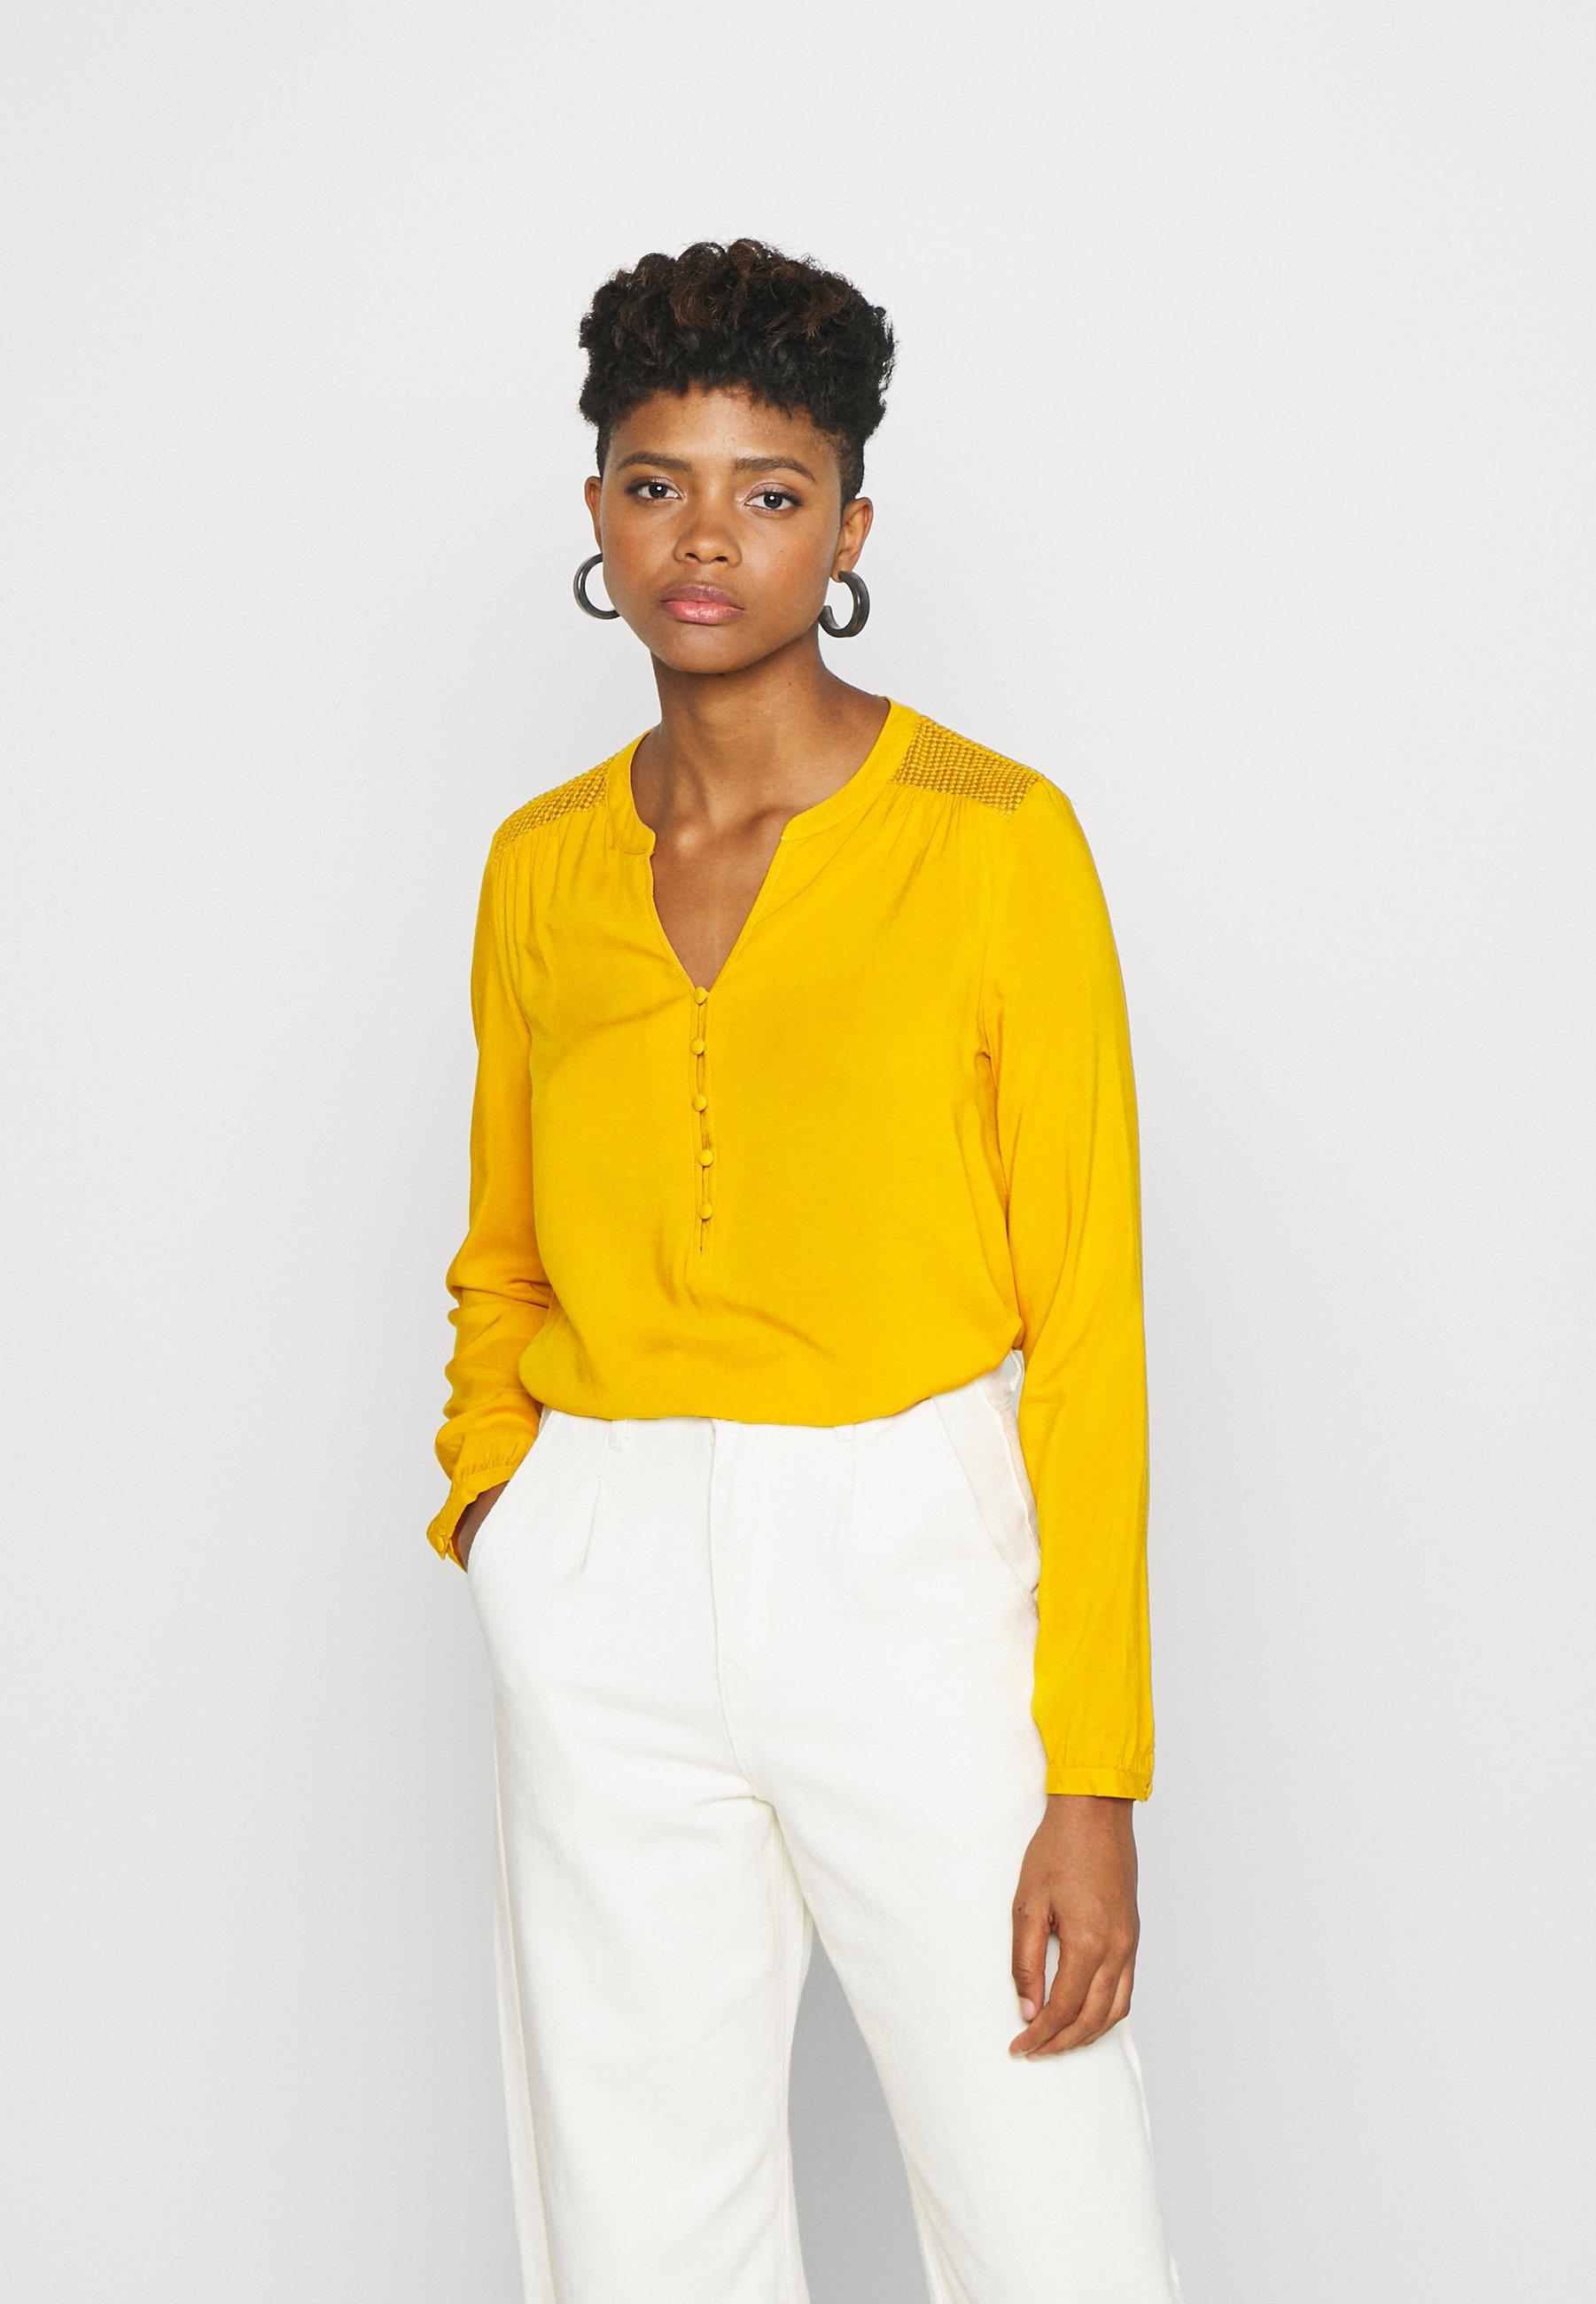 Gule Bluser & skjorter | Dame | Nye kolleksjoner online på